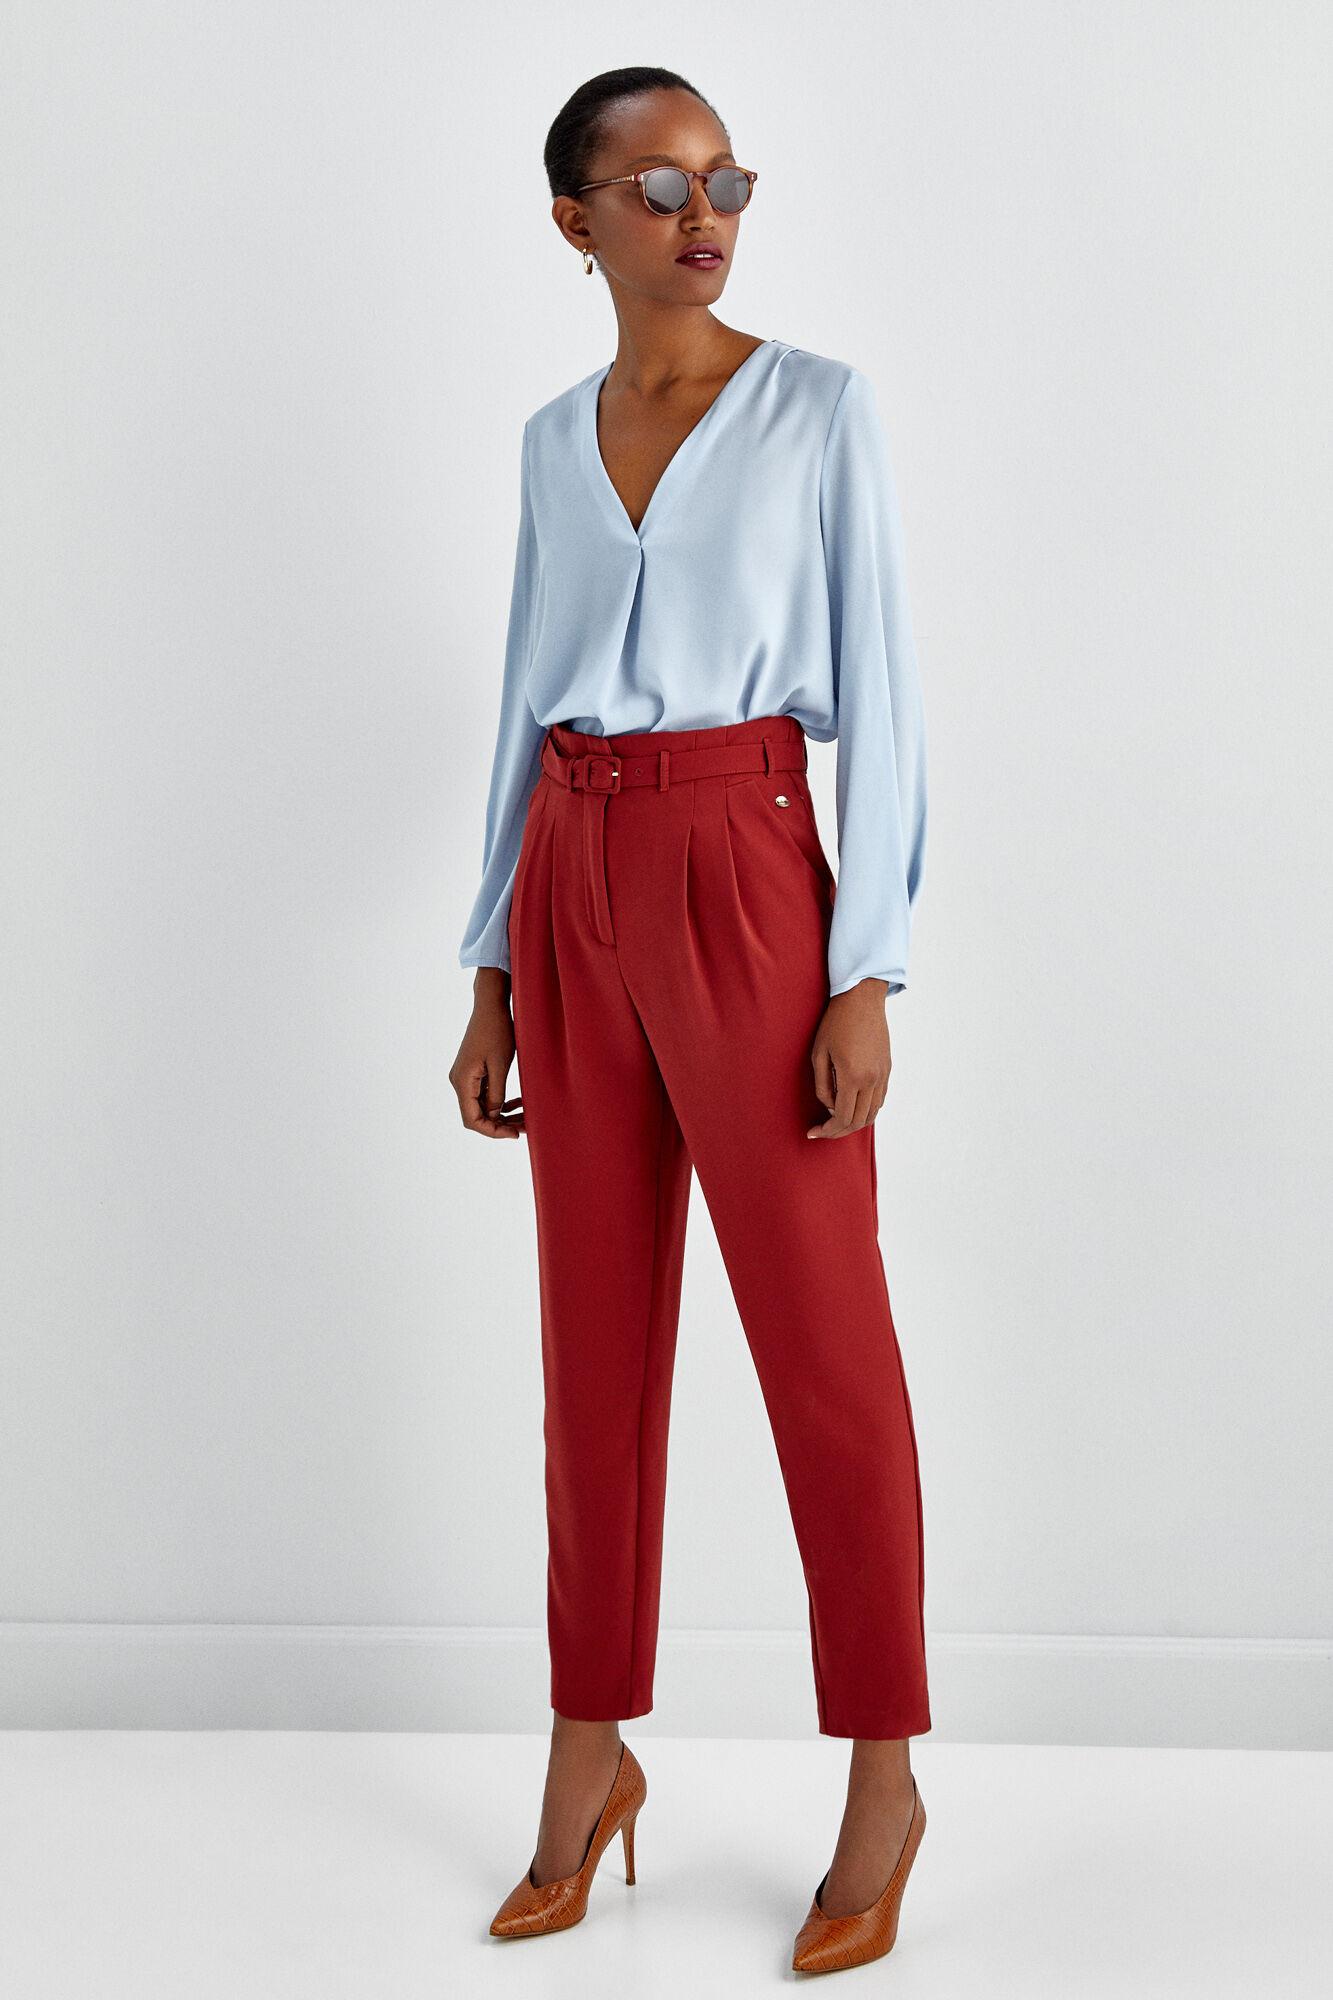 De Pantalones Outlet Pantalones De Outlet MujerFifty BxthrQdsC